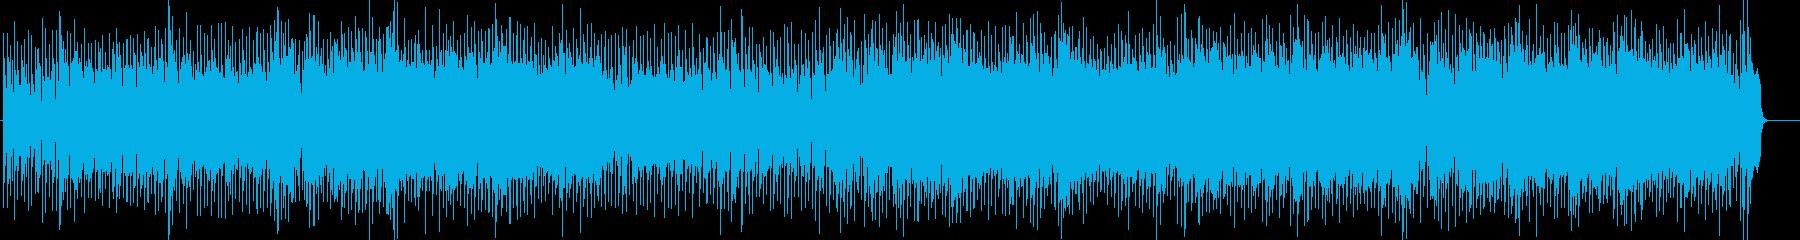 タイトでソリッドな80'sビートロックの再生済みの波形